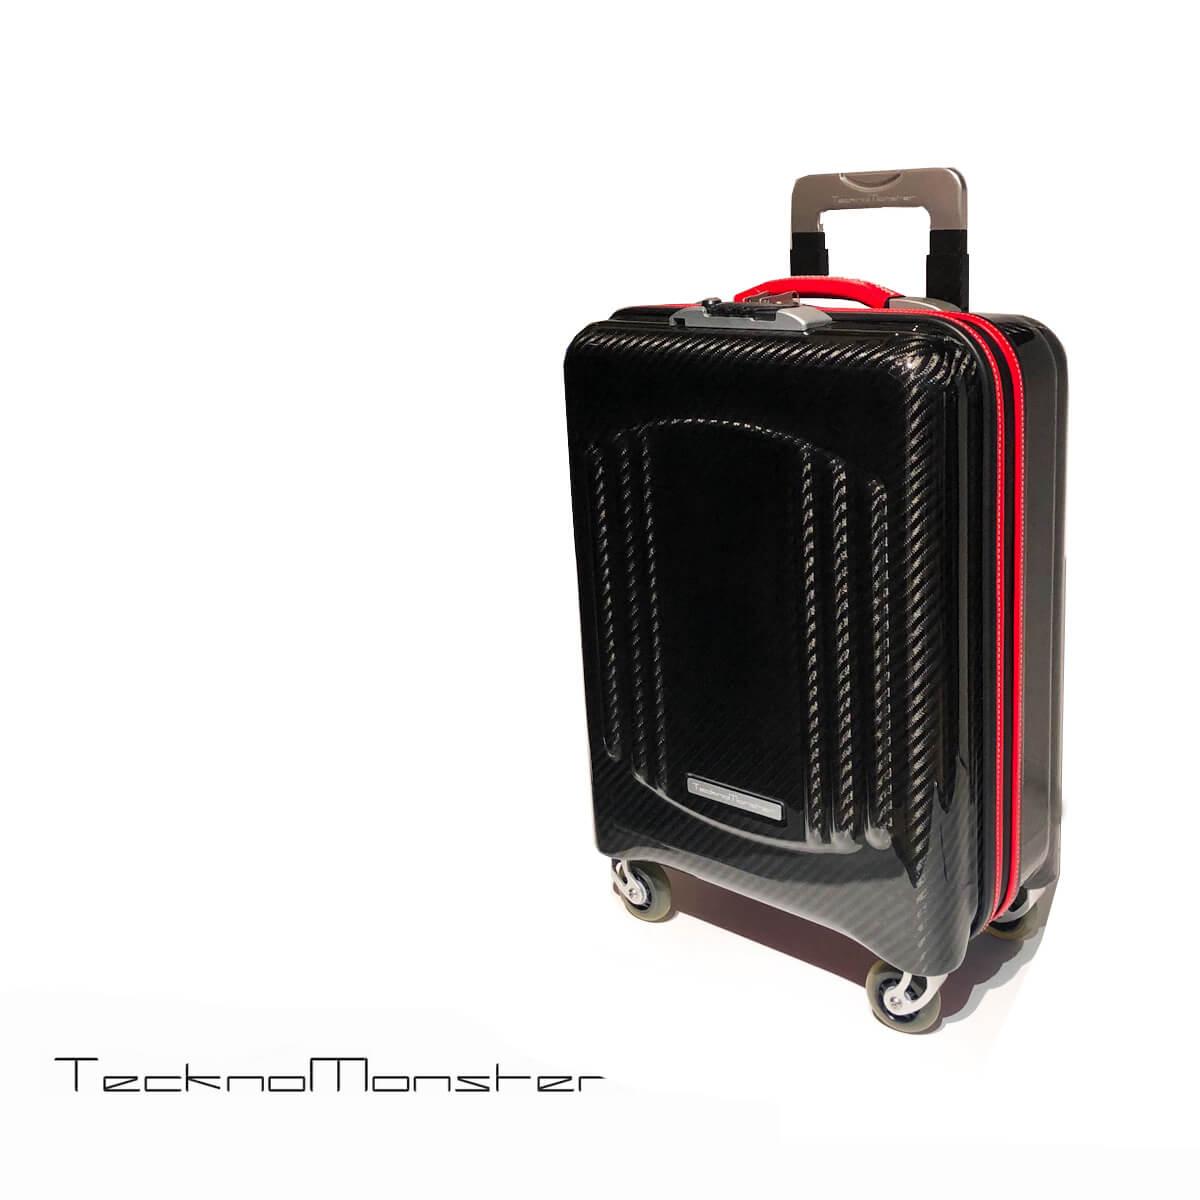 TecknoMonster (テクノモンスター)キャリーバッグ トローリー スーツケース 機内持ち込みサイズ カーボンファイバー カーフレザー おしゃれ